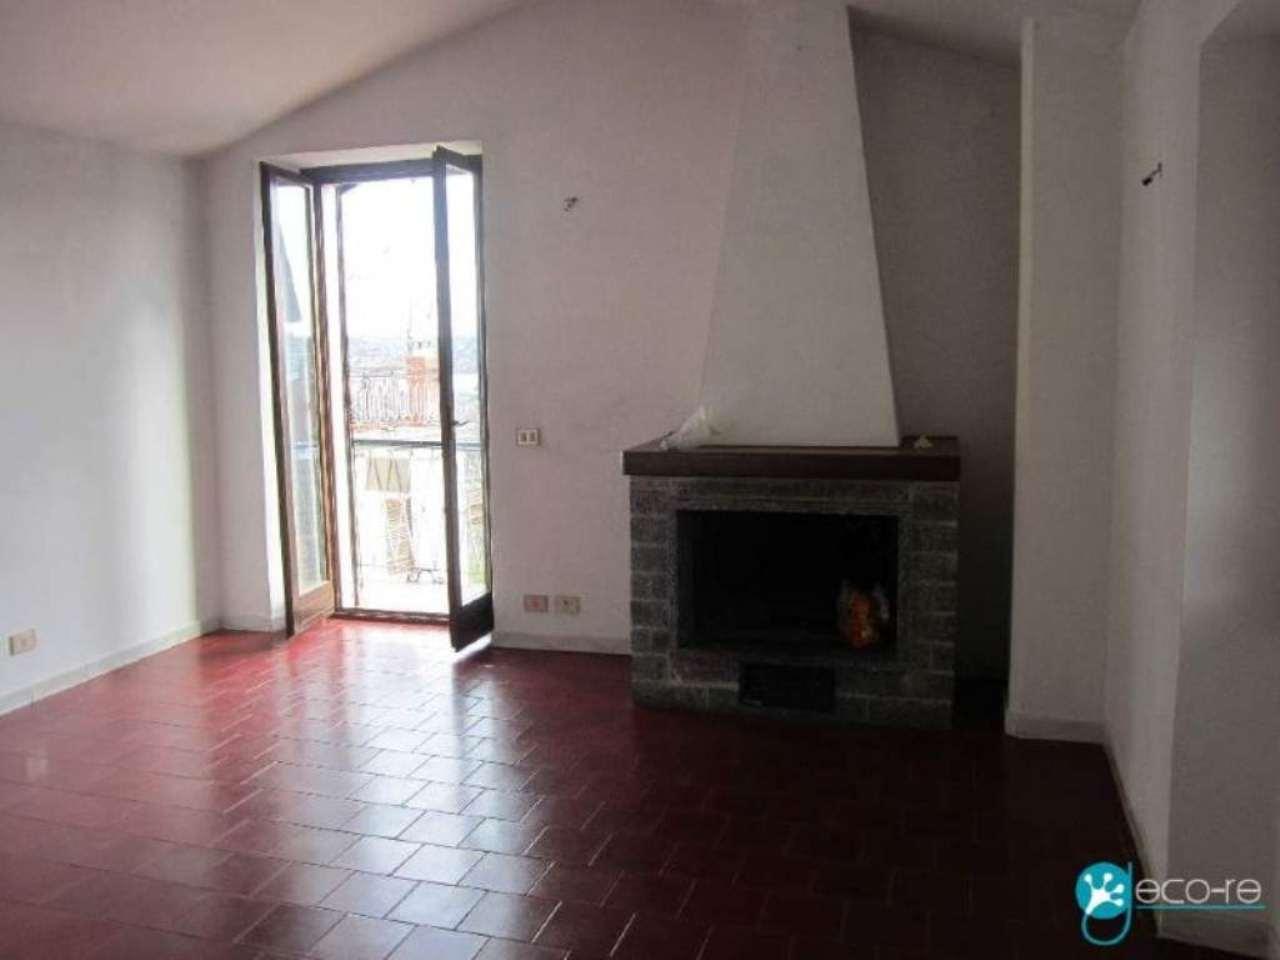 Appartamento in vendita a Dormelletto, 2 locali, prezzo € 61.000 | Cambio Casa.it